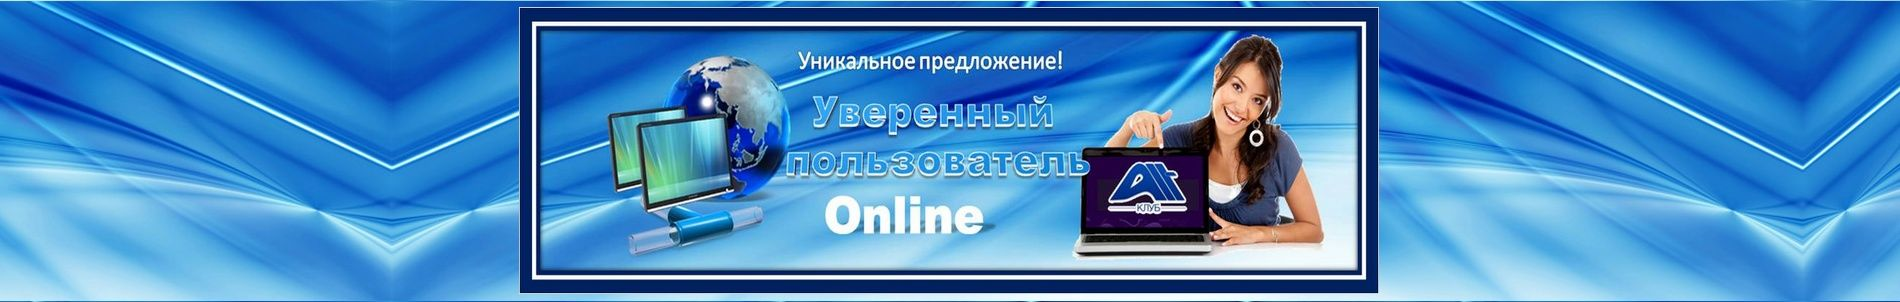 альткурс-покорение компьютера - Мой Бизнес - Comfort-Alt-InWeb24